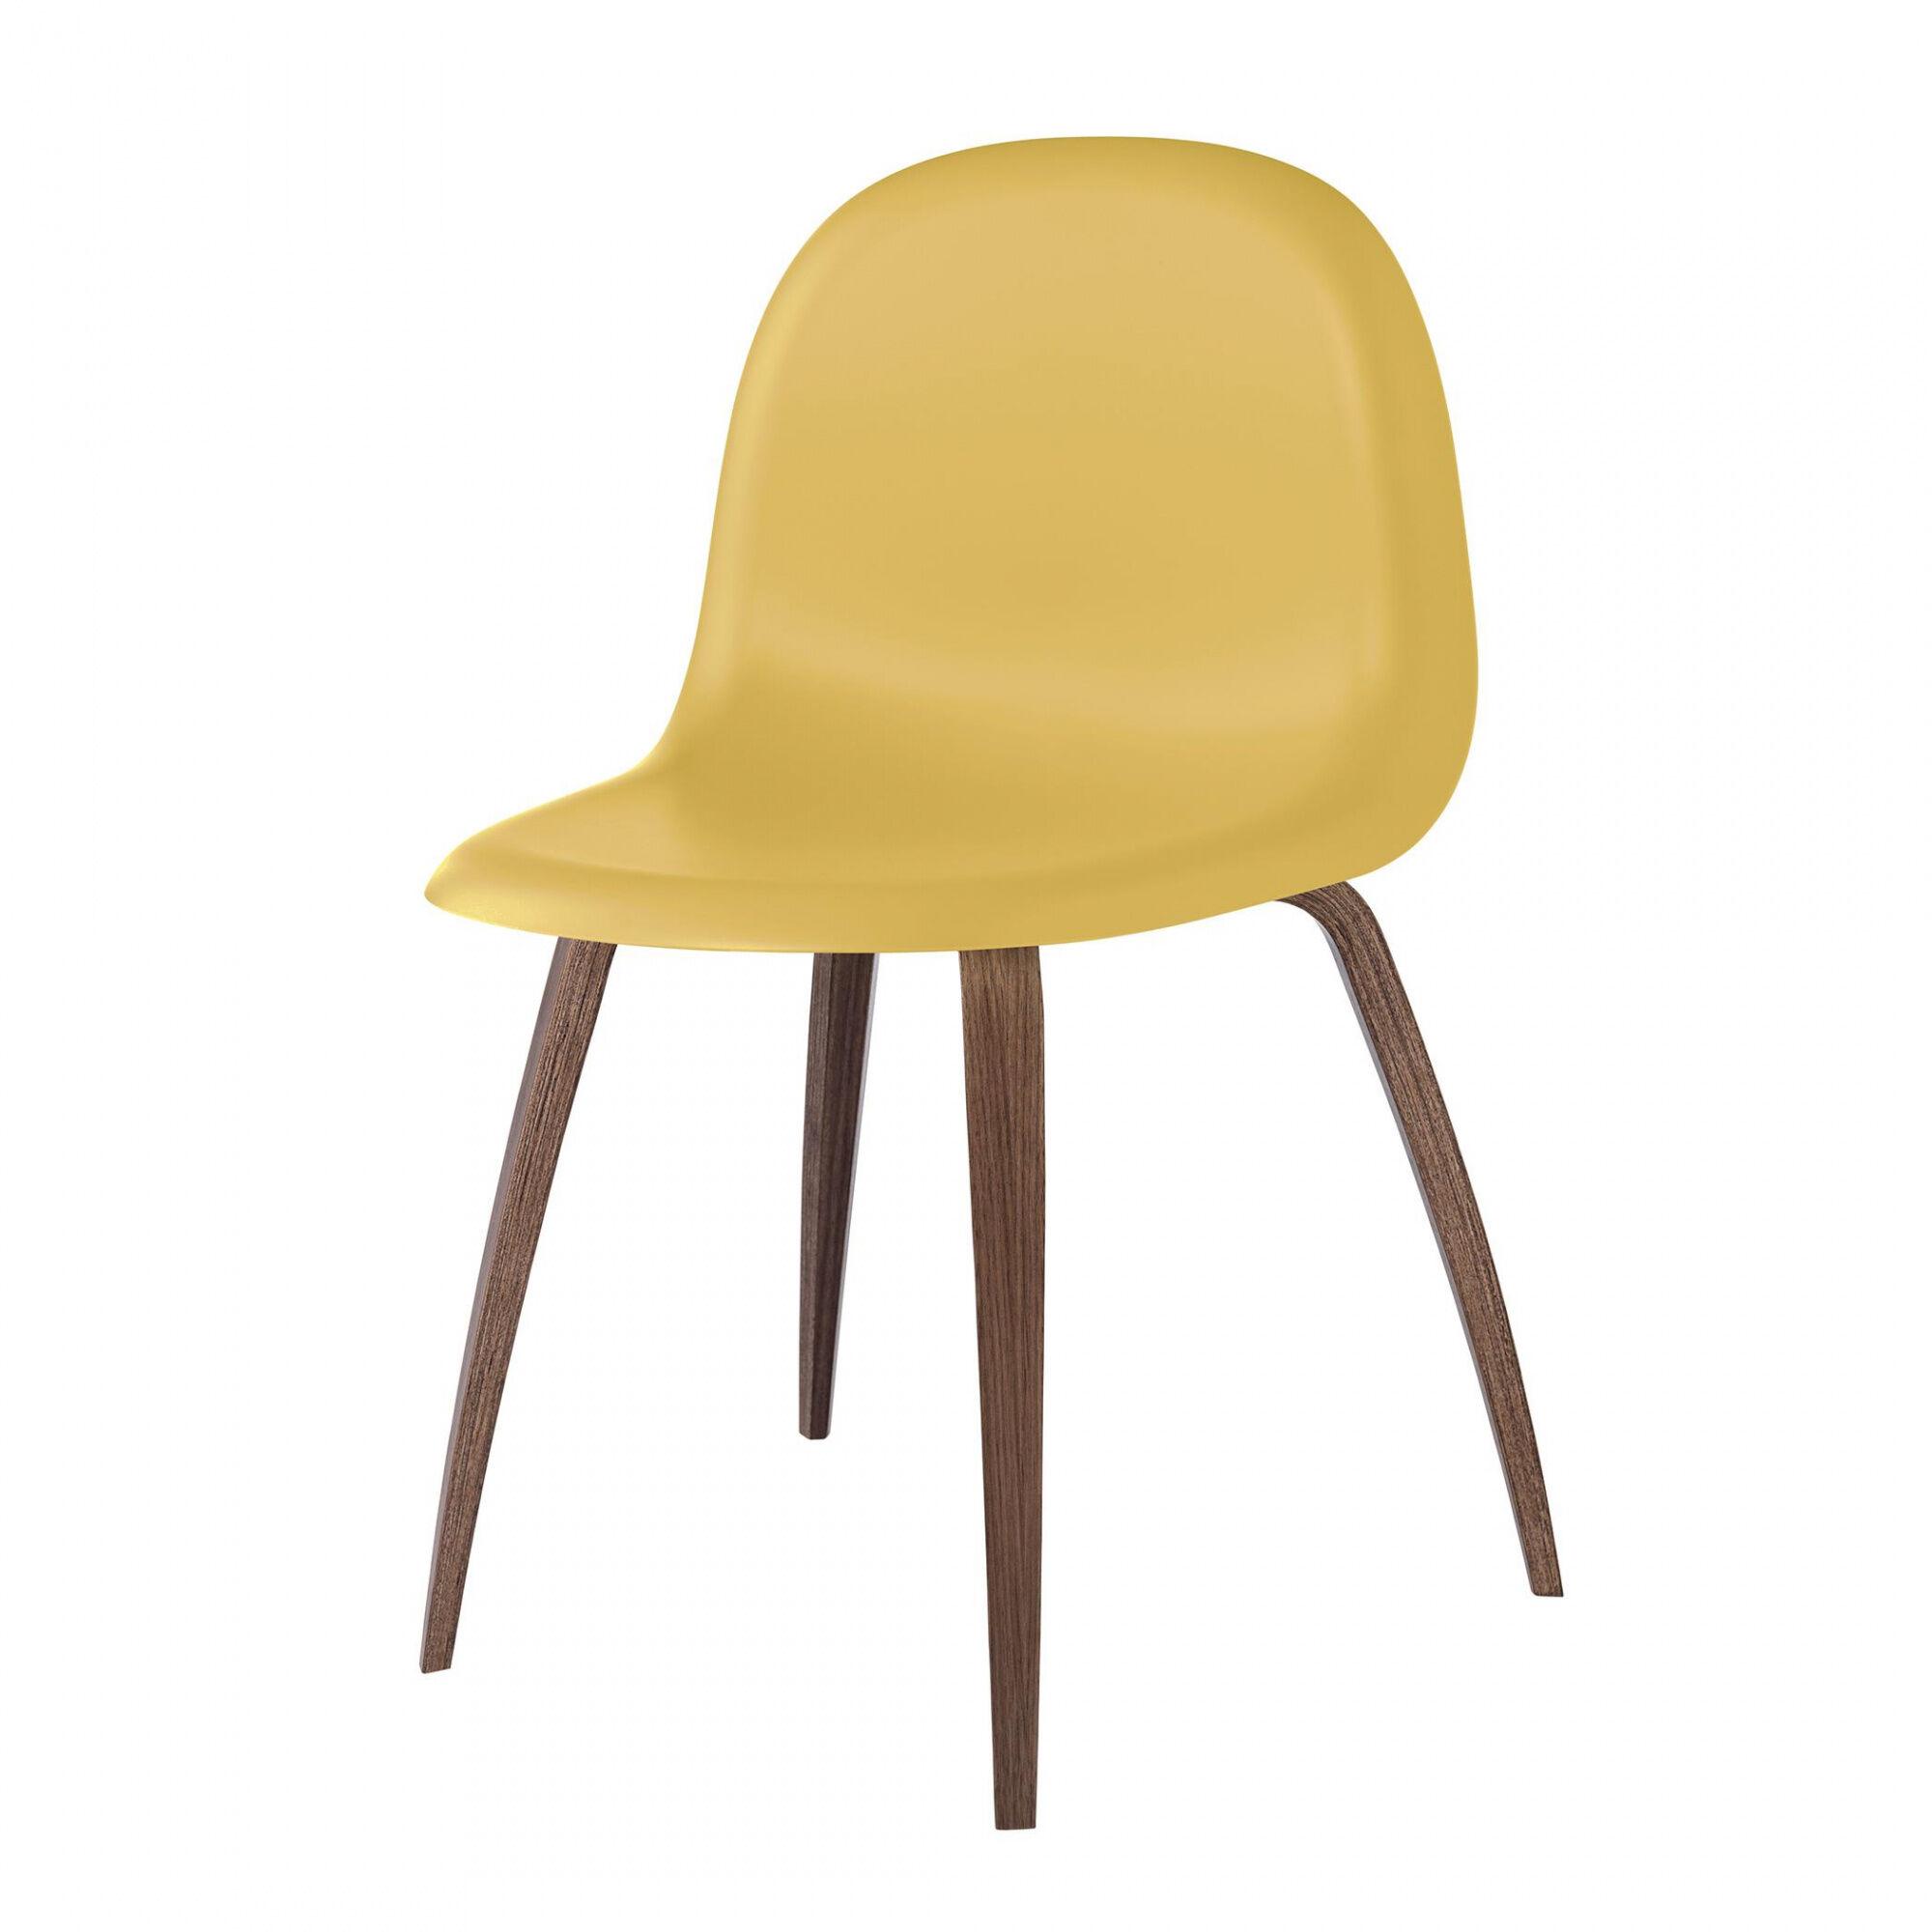 Gubi 3D Dining Chair - Chaise structure en noix - or vénitien/siège HiRek plastique/PxHxP 52x82x53,5cm/patins en plastique/structure noix américain